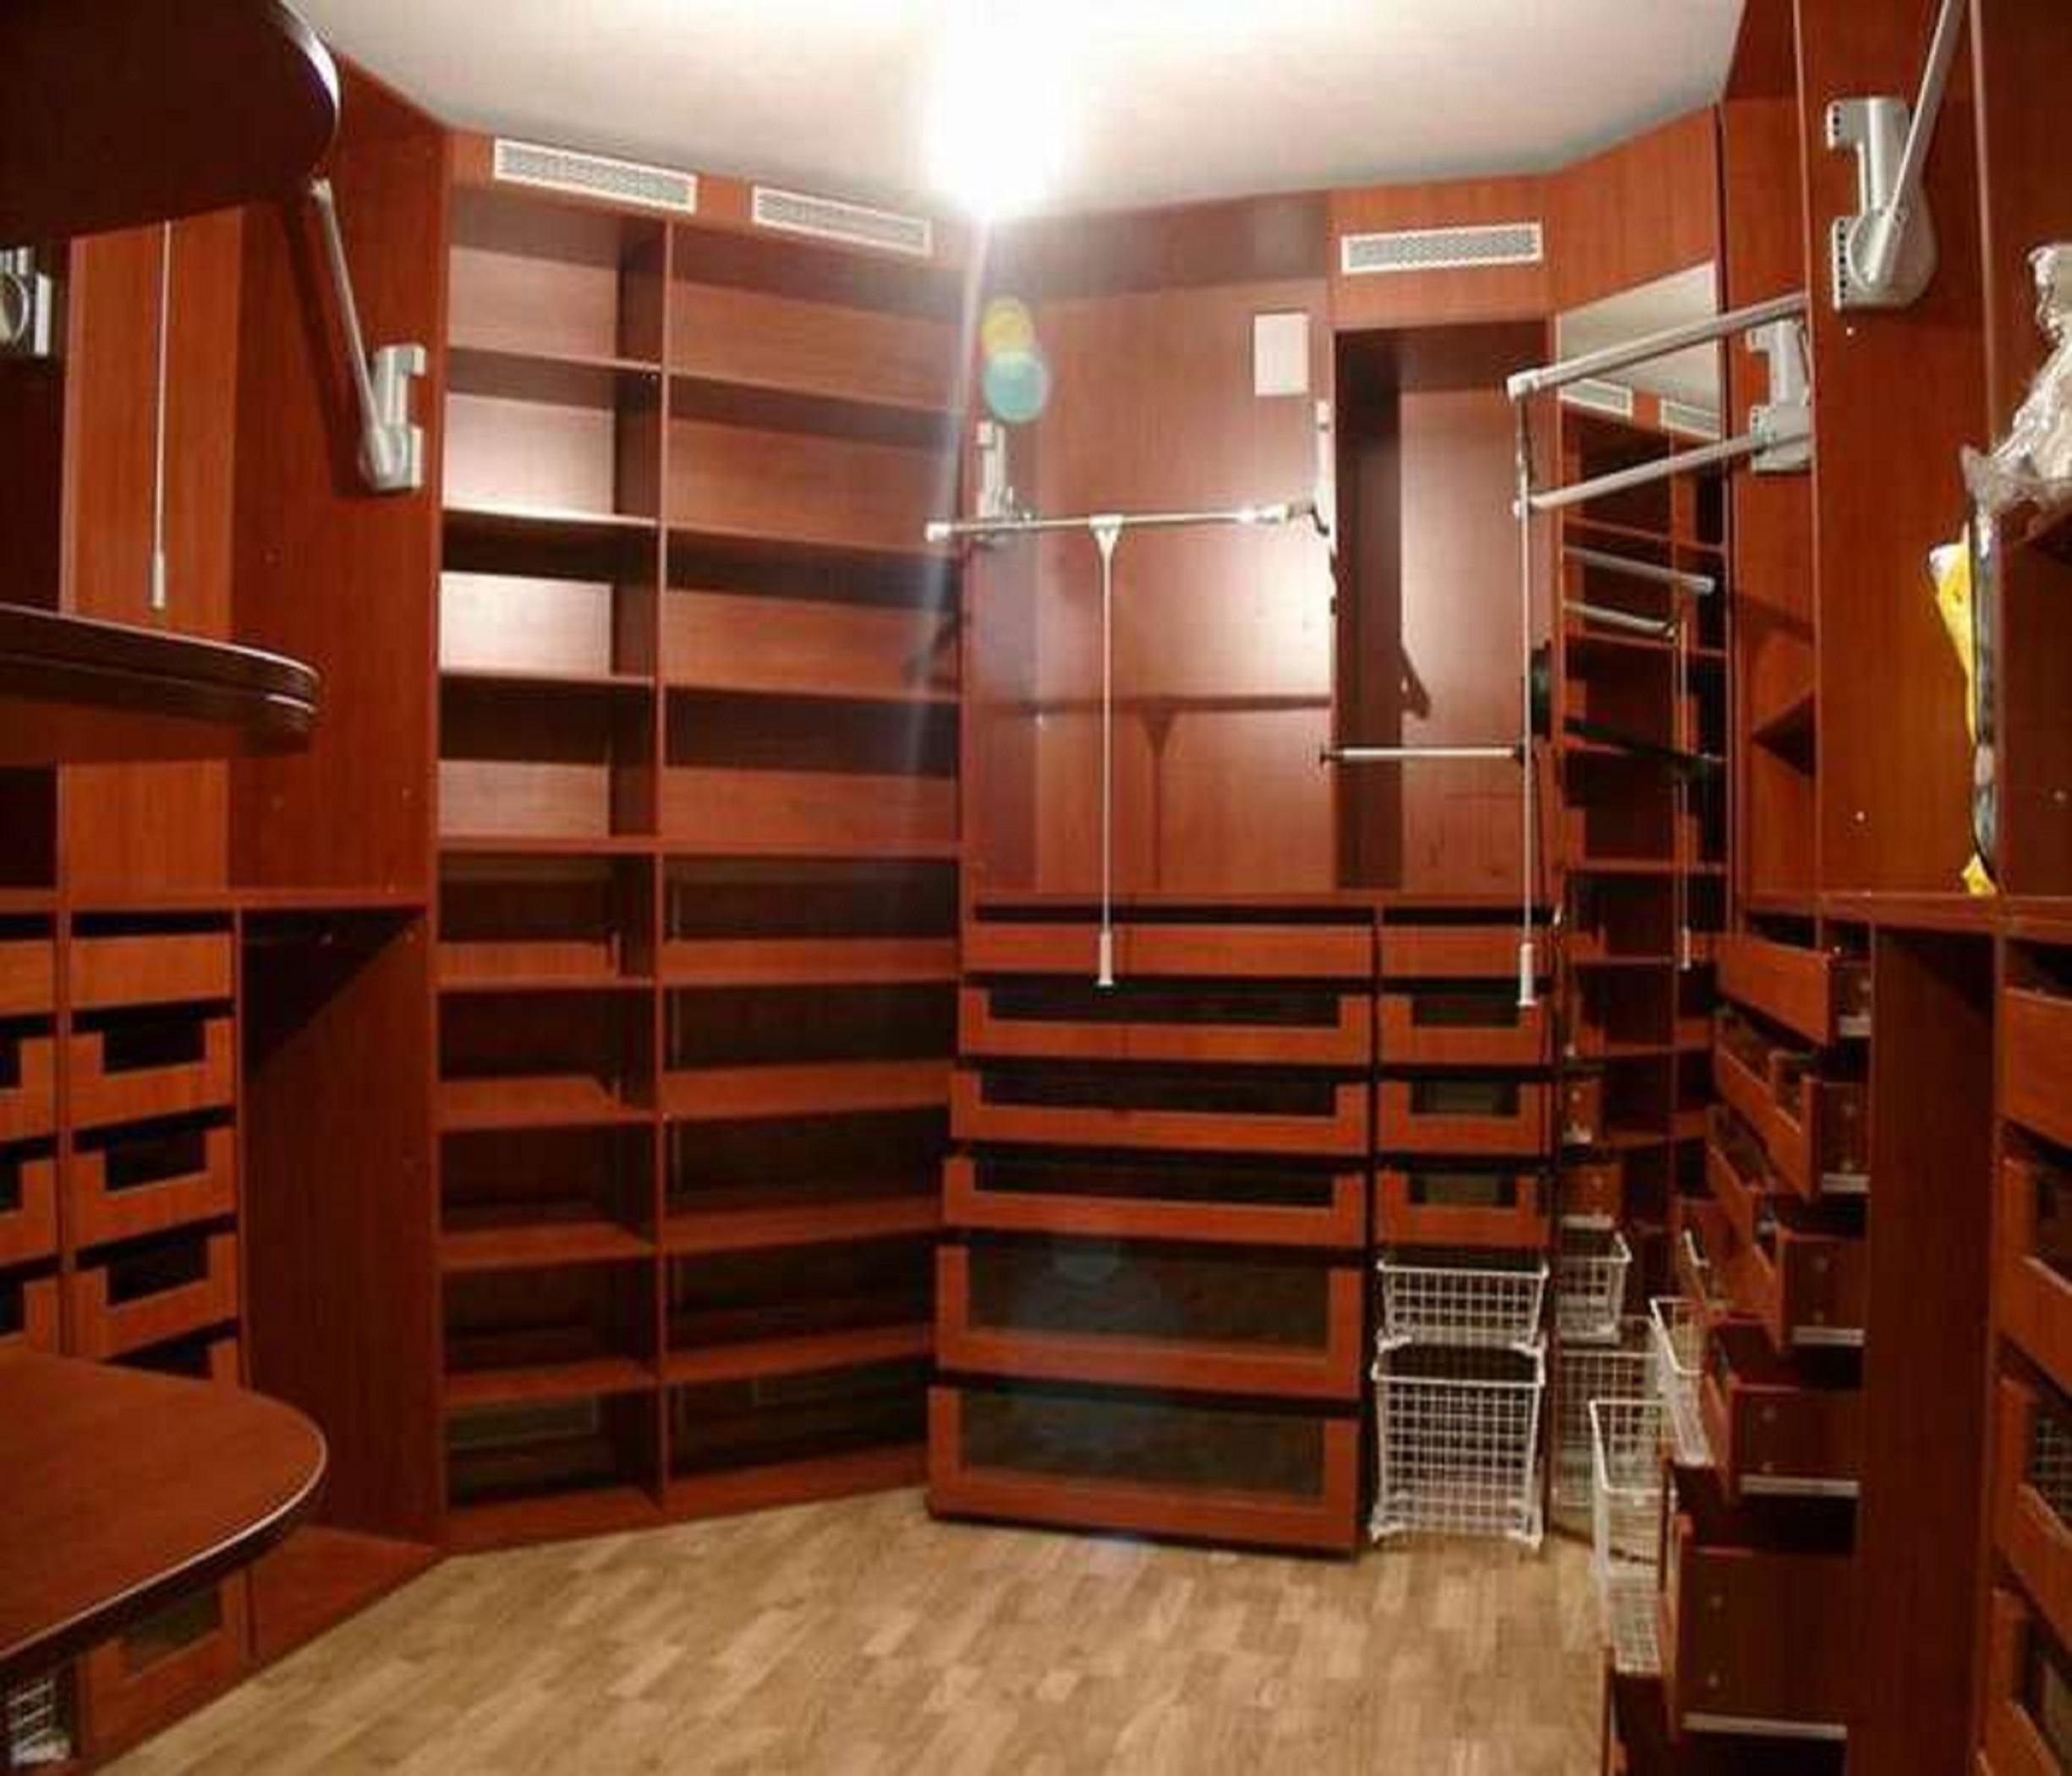 Гардероб, гардеробная комната, гардеробные системы, мебель в.